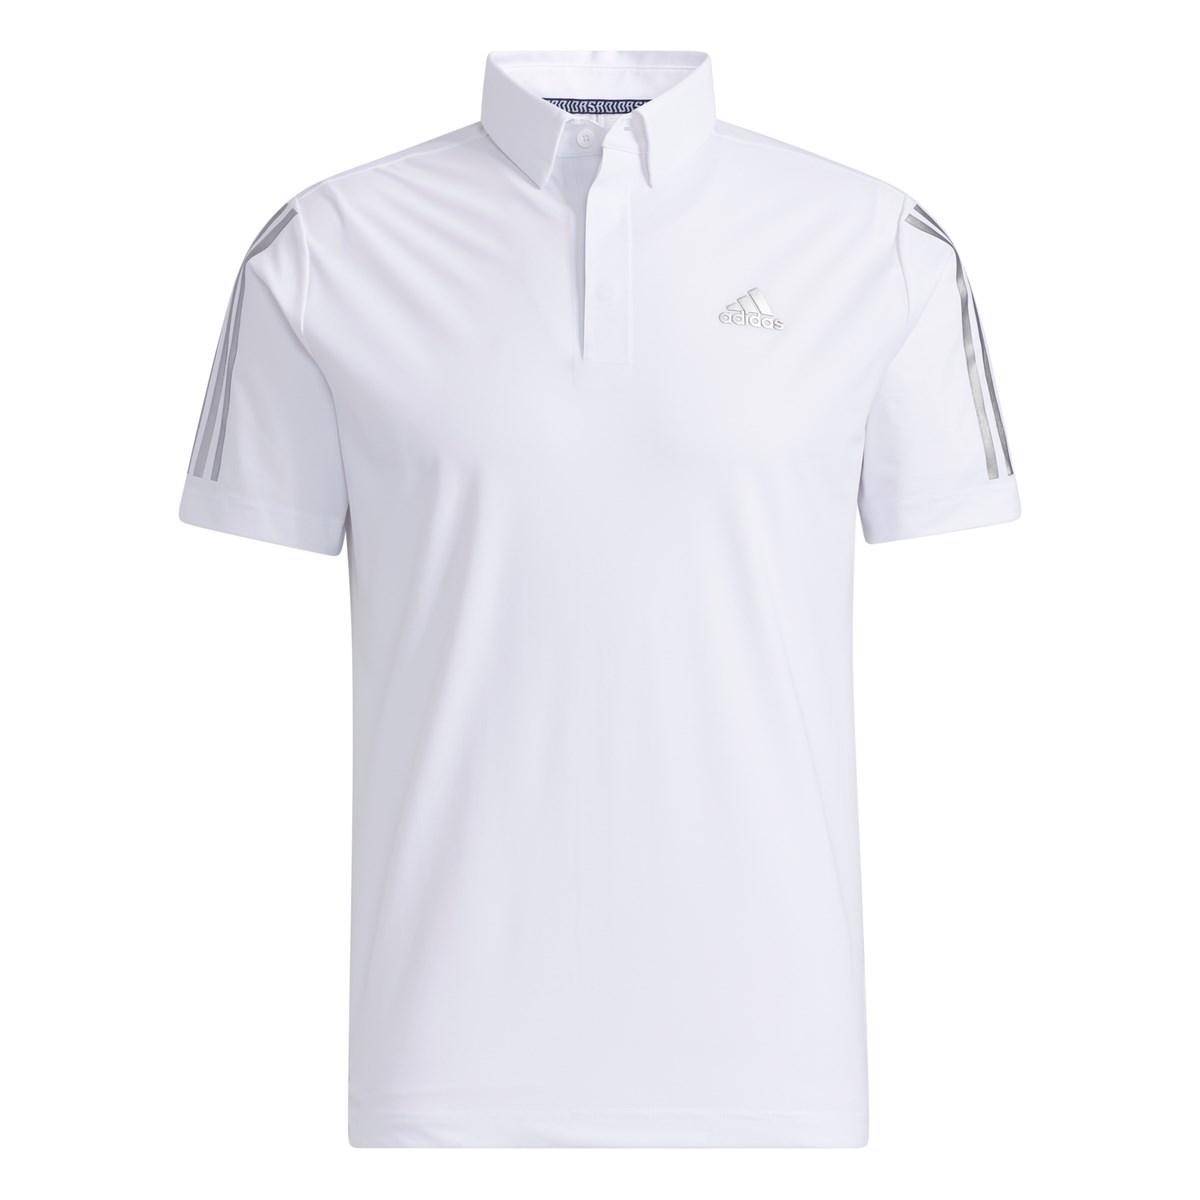 アディダス Adidas スリーブ ストライプス ストレッチ半袖ボタンダウンポロシャツ J/M ホワイト